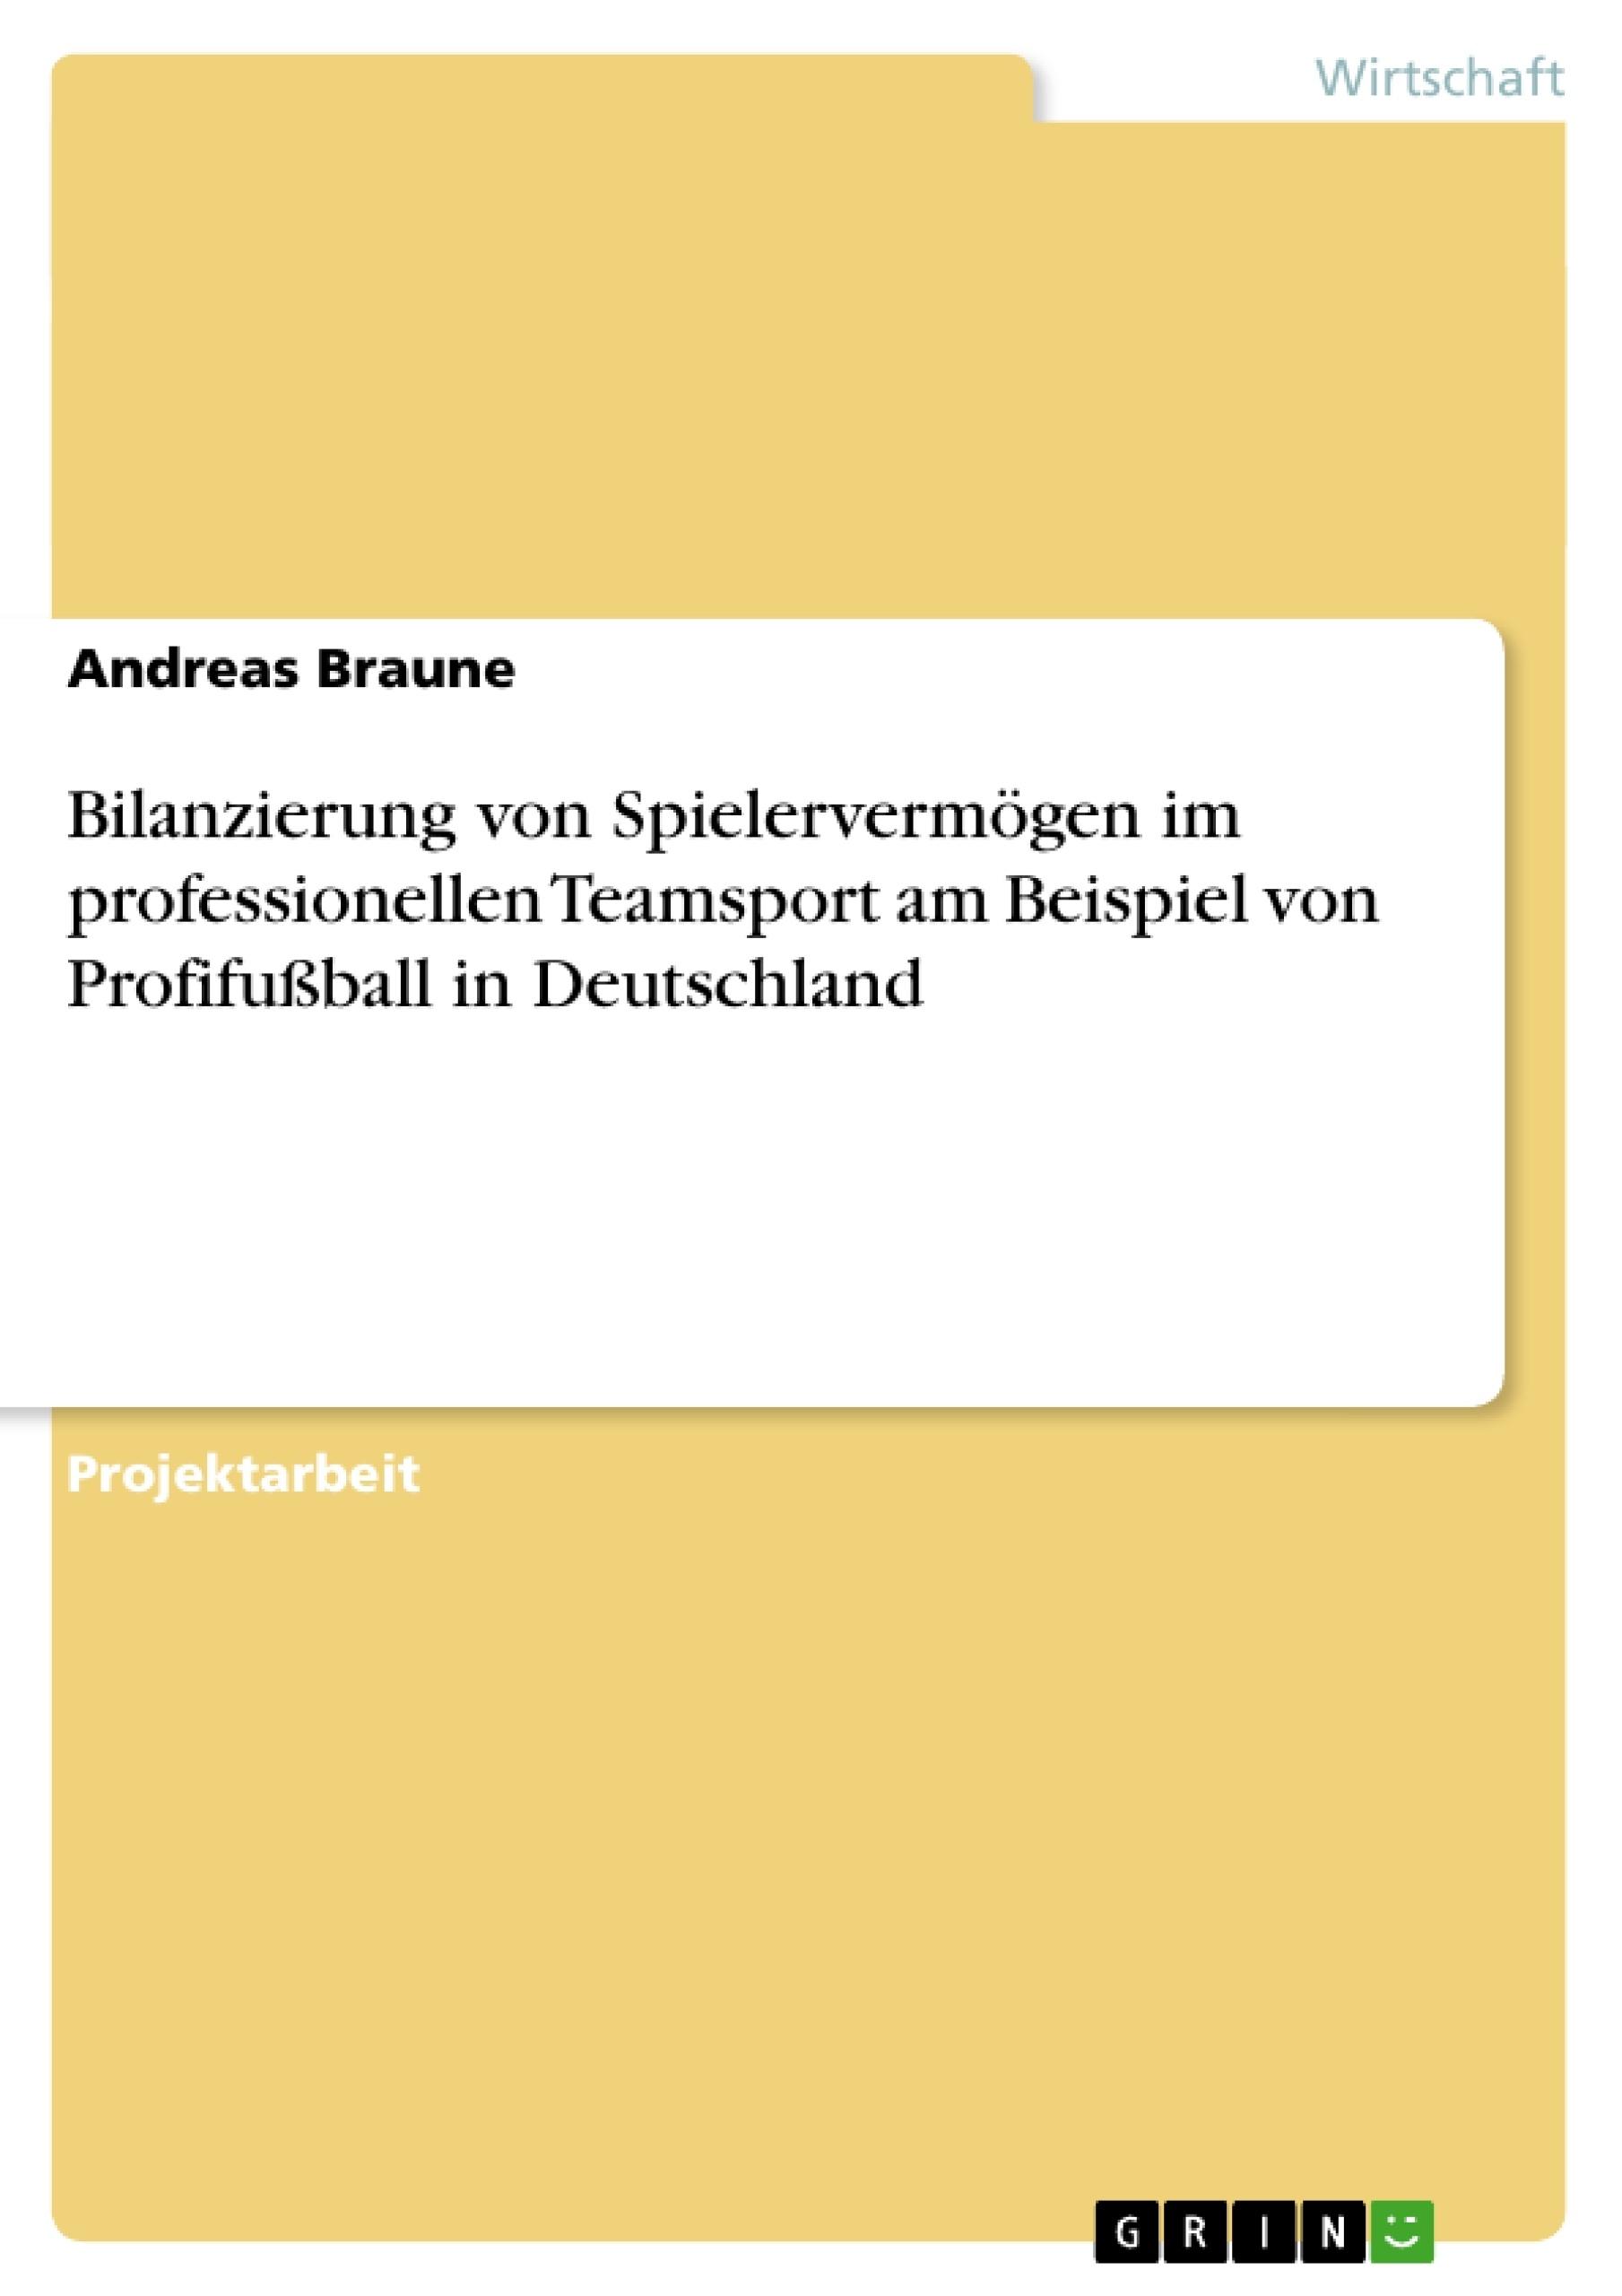 Titel: Bilanzierung von Spielervermögen im professionellen Teamsport am Beispiel von Profifußball in Deutschland